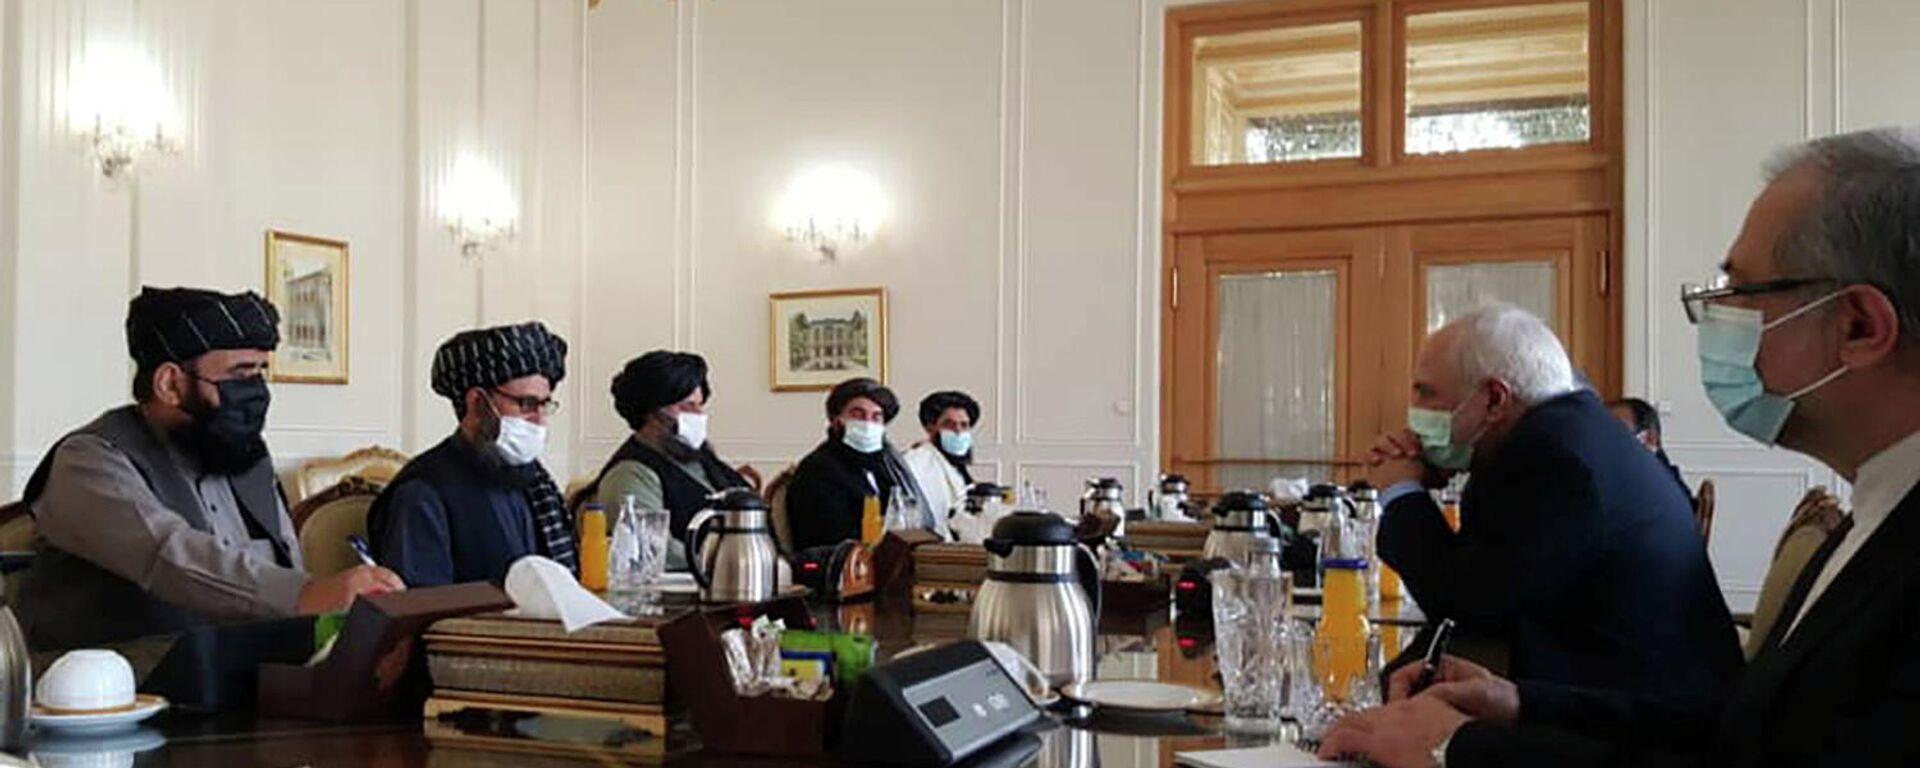 Friedensverhandlungen zwischen iranischem Außenminister und Taliban-Chef am 31. Januar 2021 - SNA, 1920, 22.02.2021